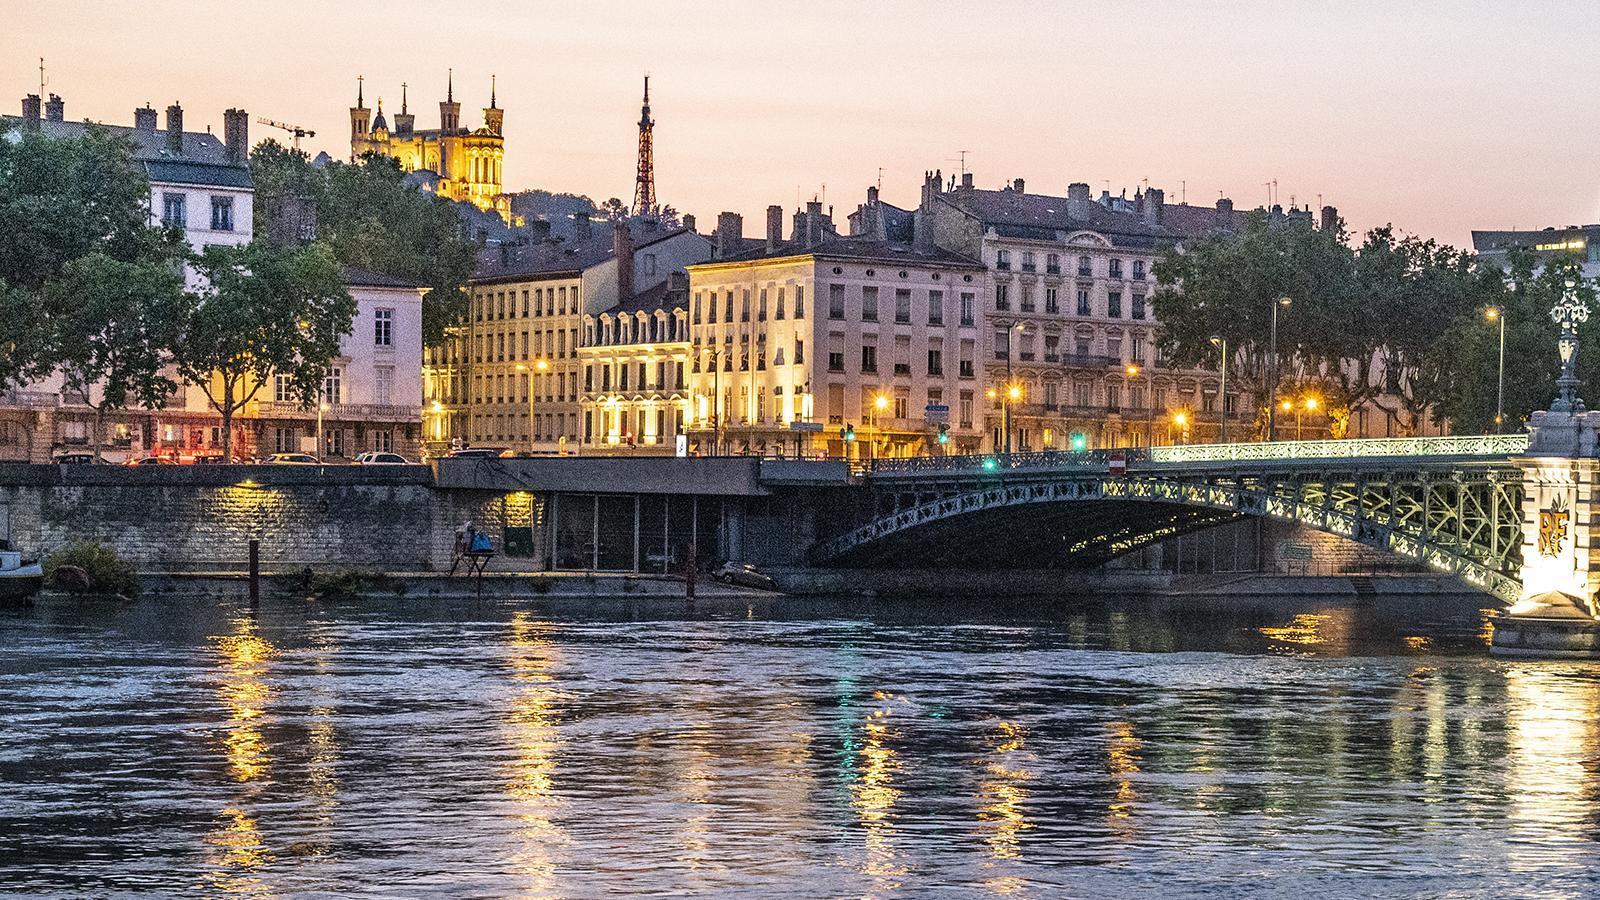 Der Blick vom Schiff auf das nächtliche Lyon. Foto: Hilke Maunder